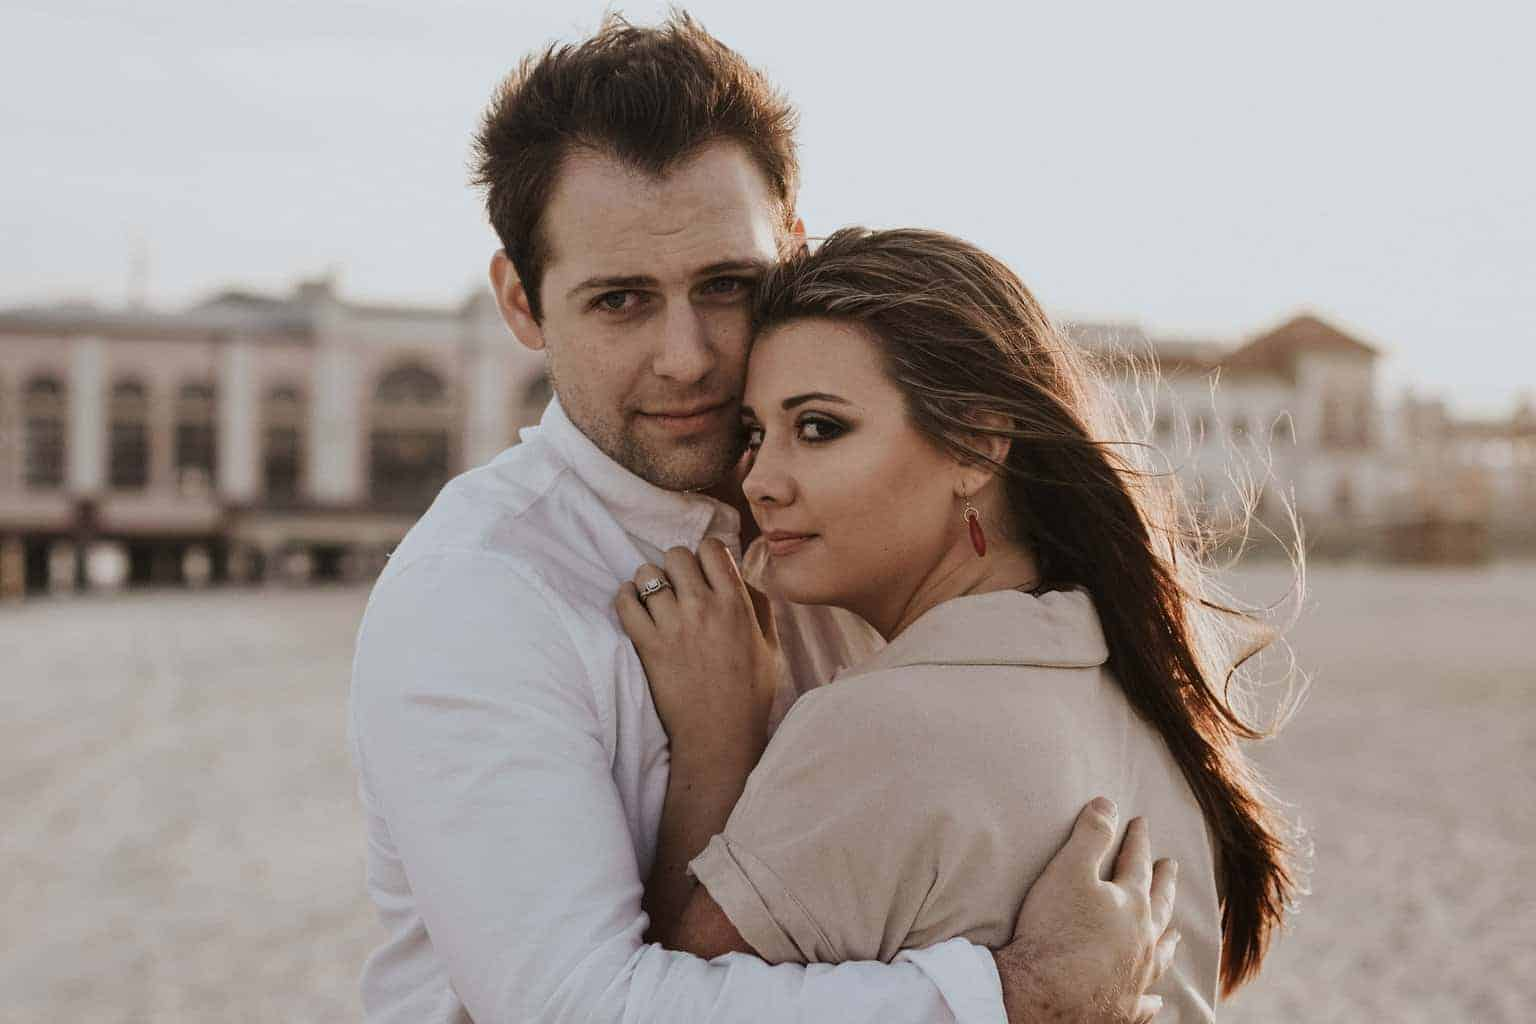 علامات حب الزوج لزوجته : الحماية